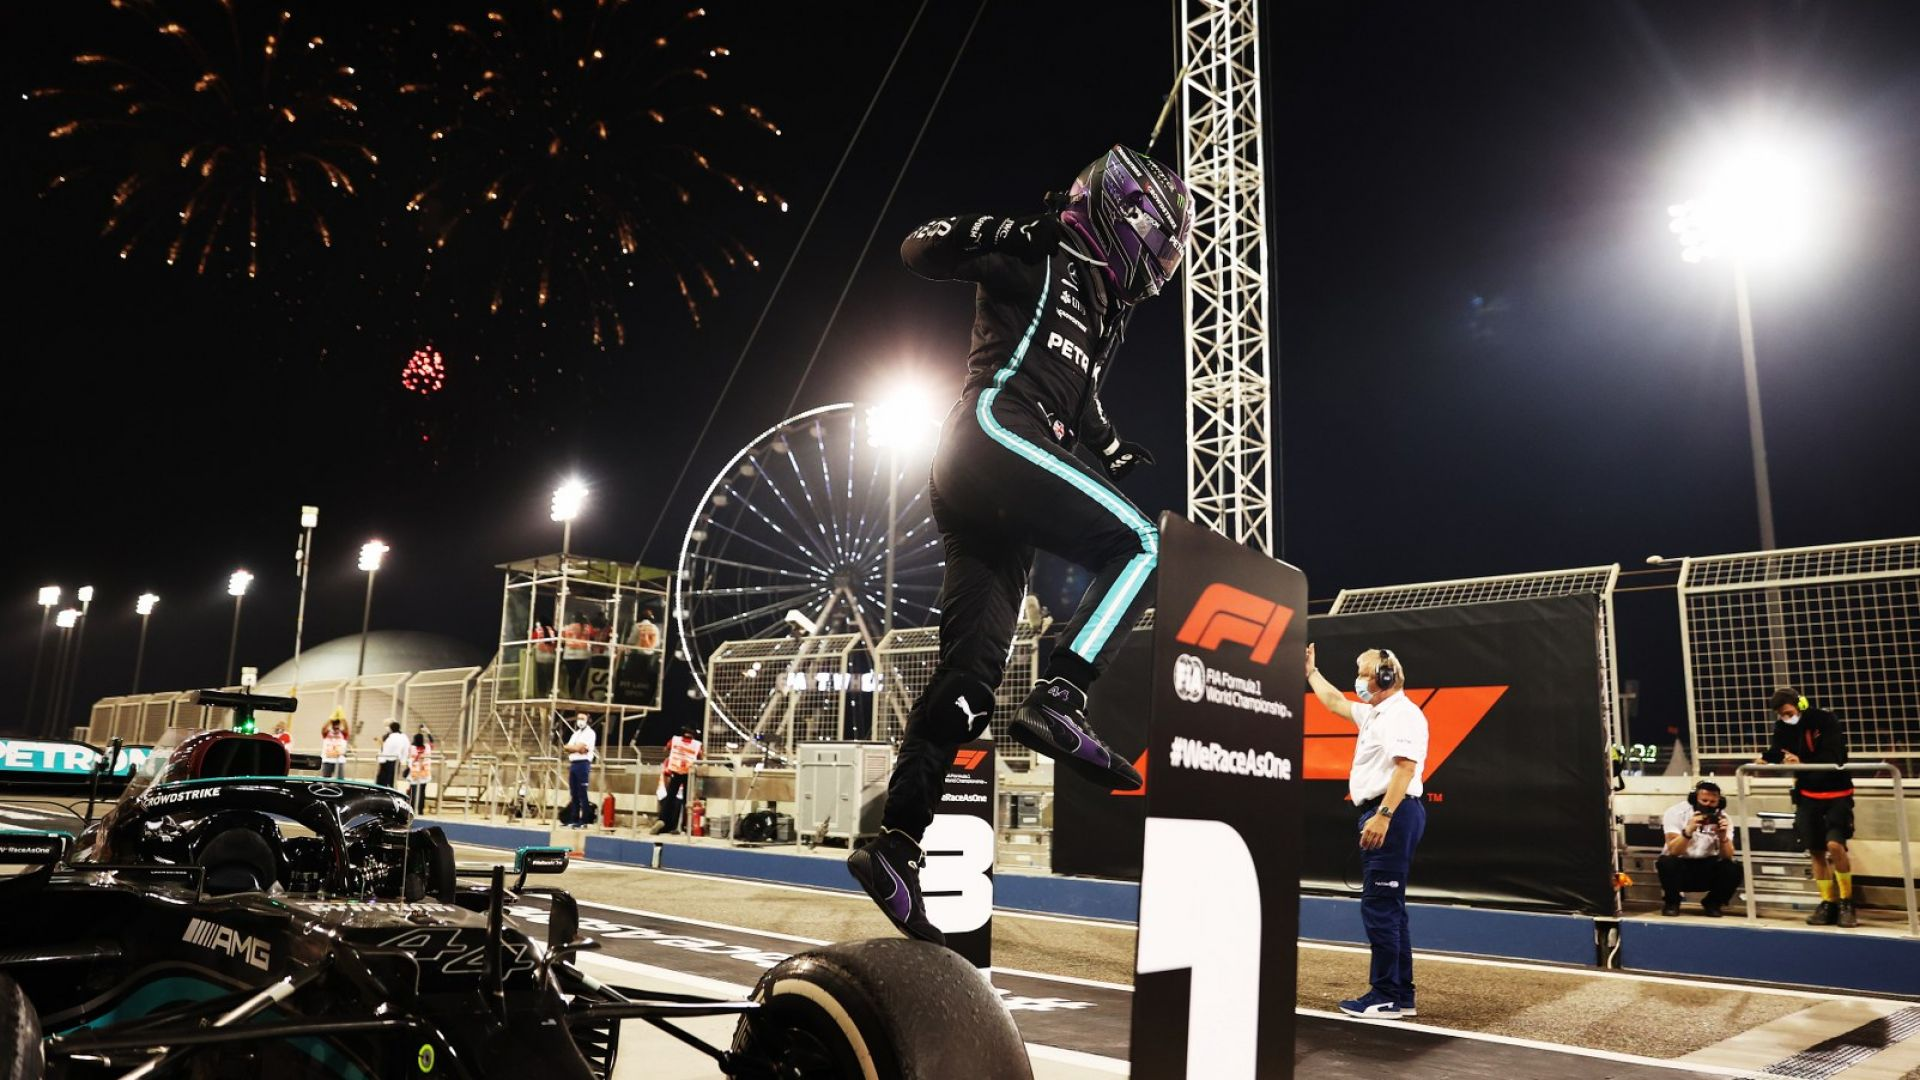 Хамилтън надделя над Верстапен след страхотна битка за начало във Формула 1